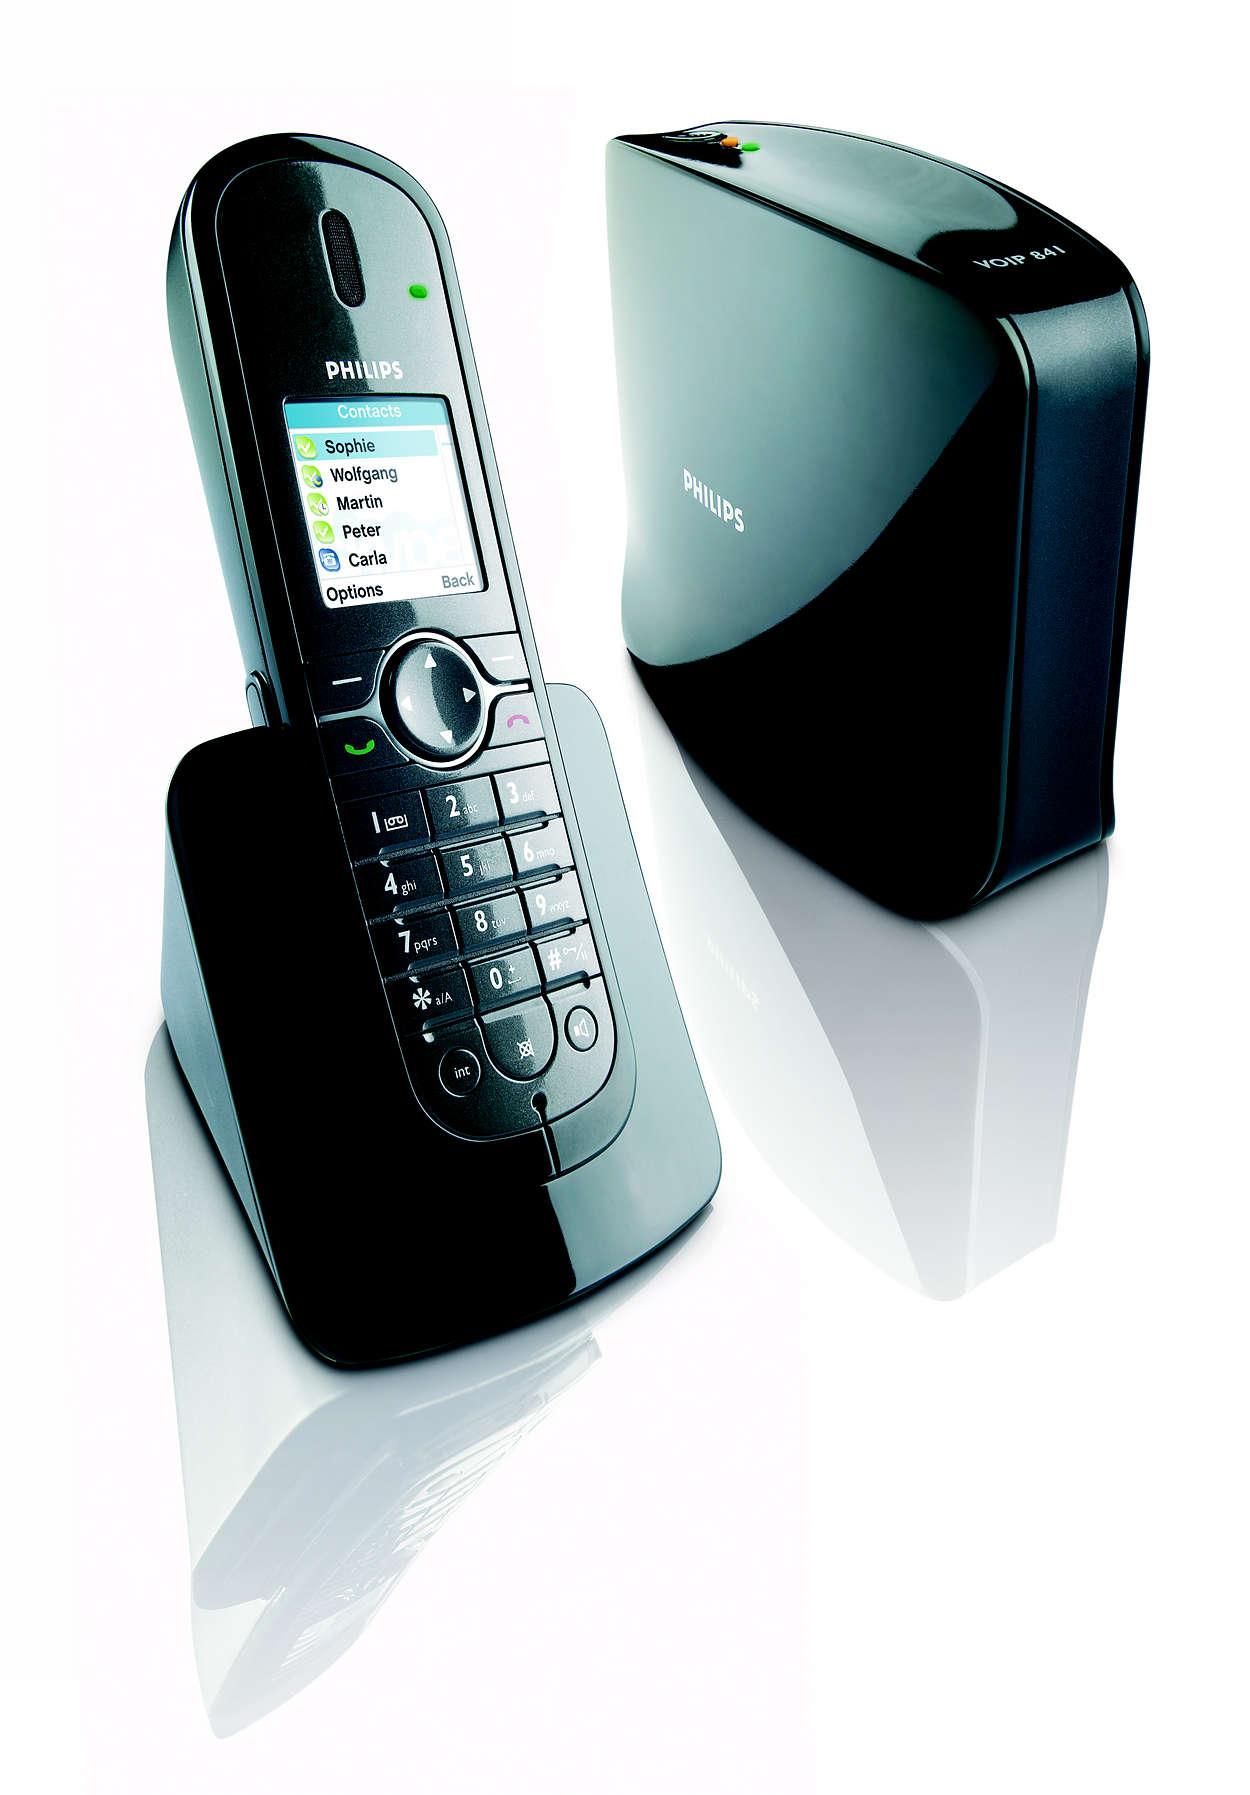 Frakoblet Internett-telefoni